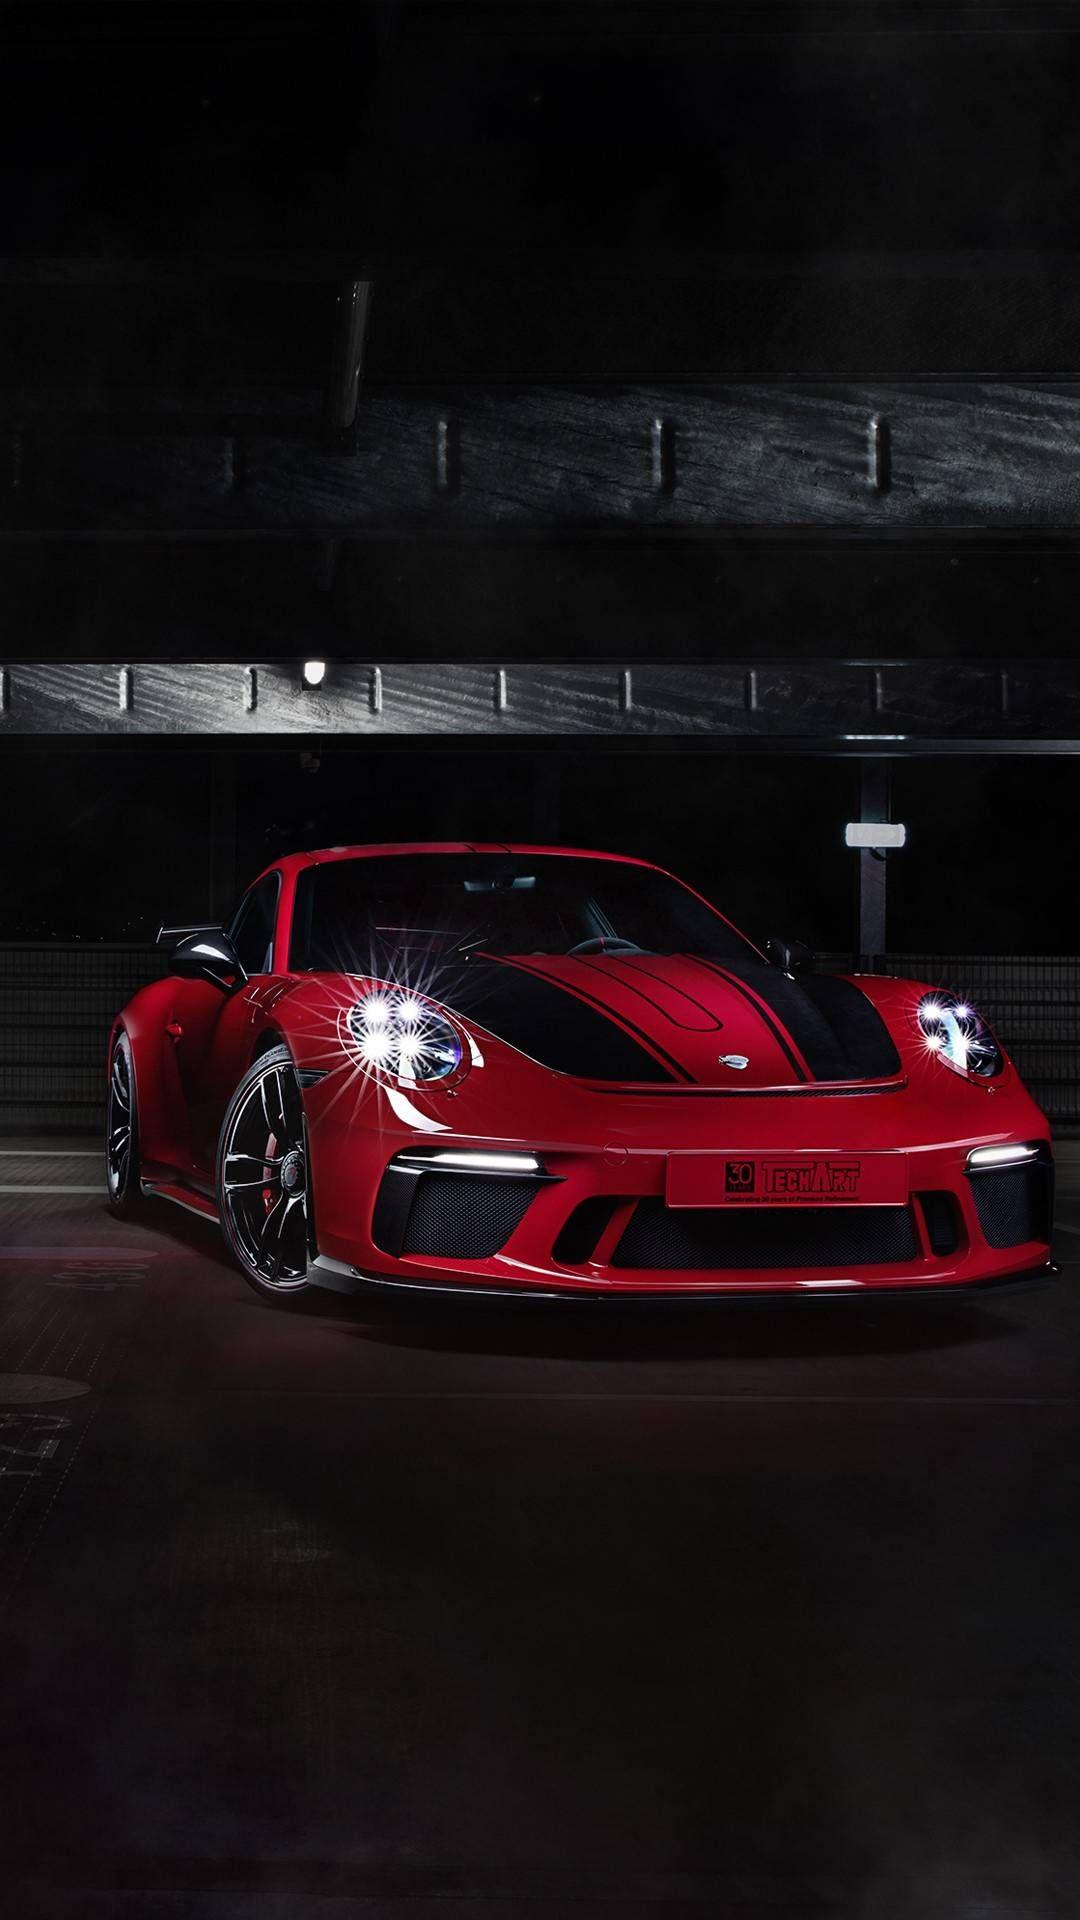 Techart Porsche Car Mobile Hd Wallpaper In 2020 Porsche Porsche Cars Porsche 911